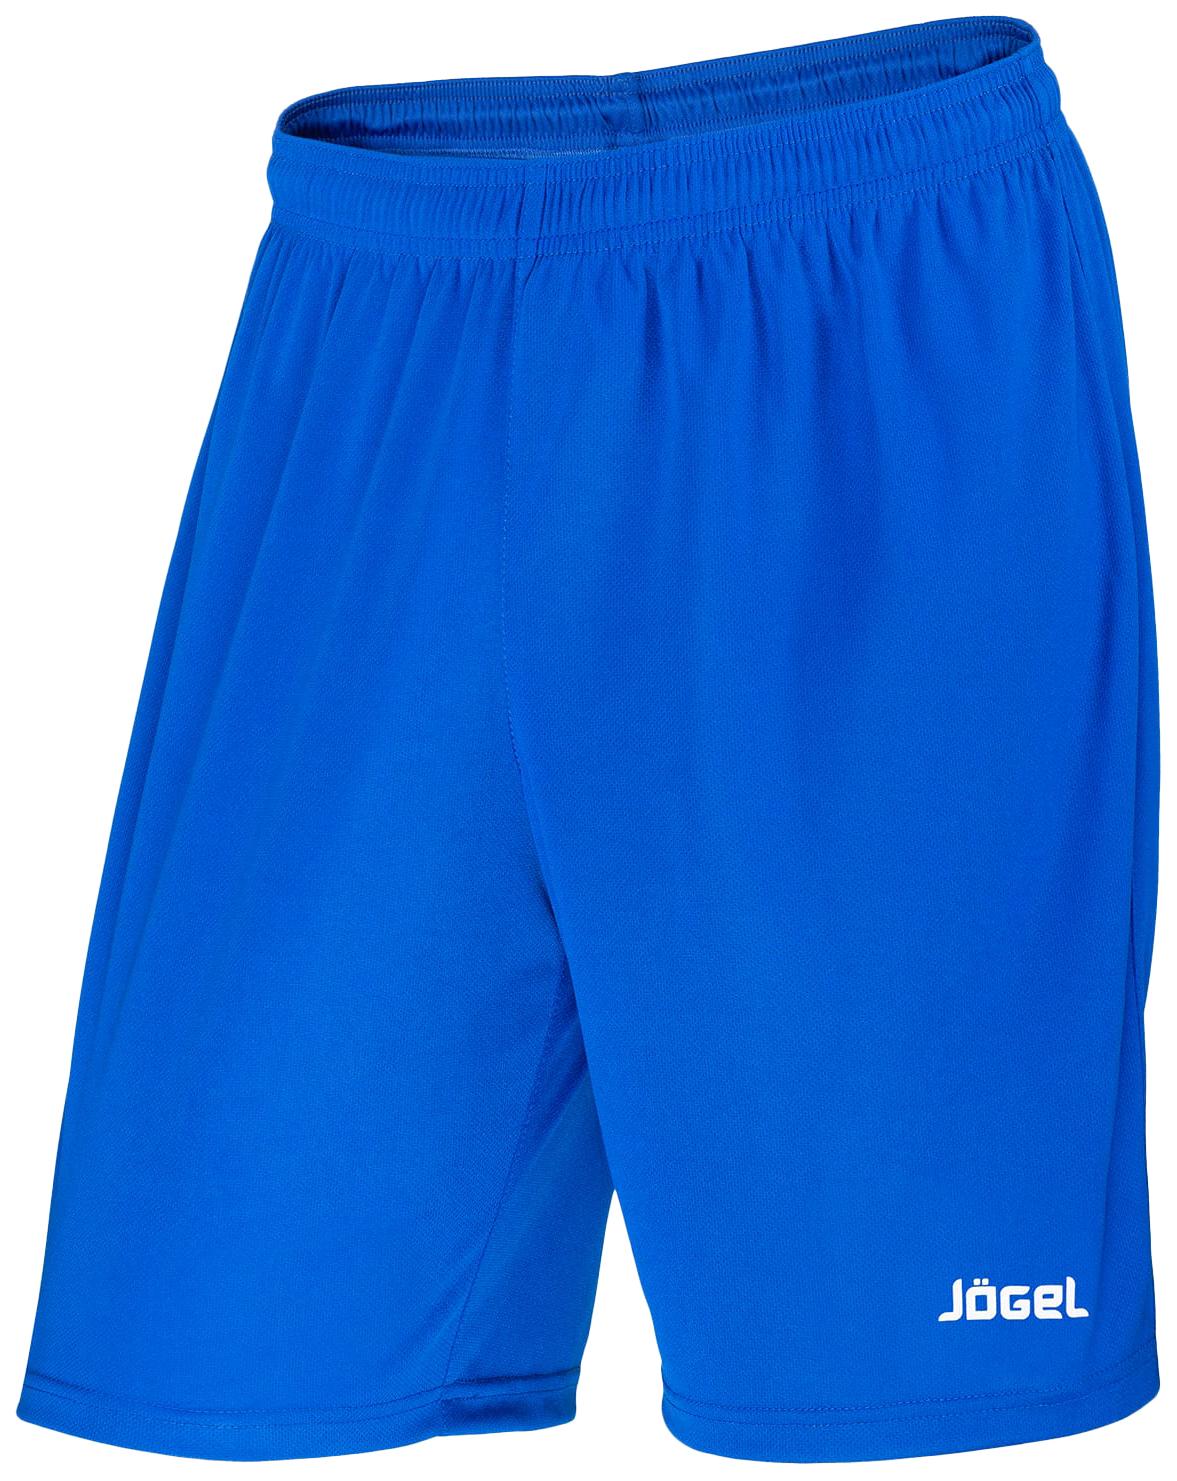 Шорты баскетбольные детские Jogel синие JBS 1120